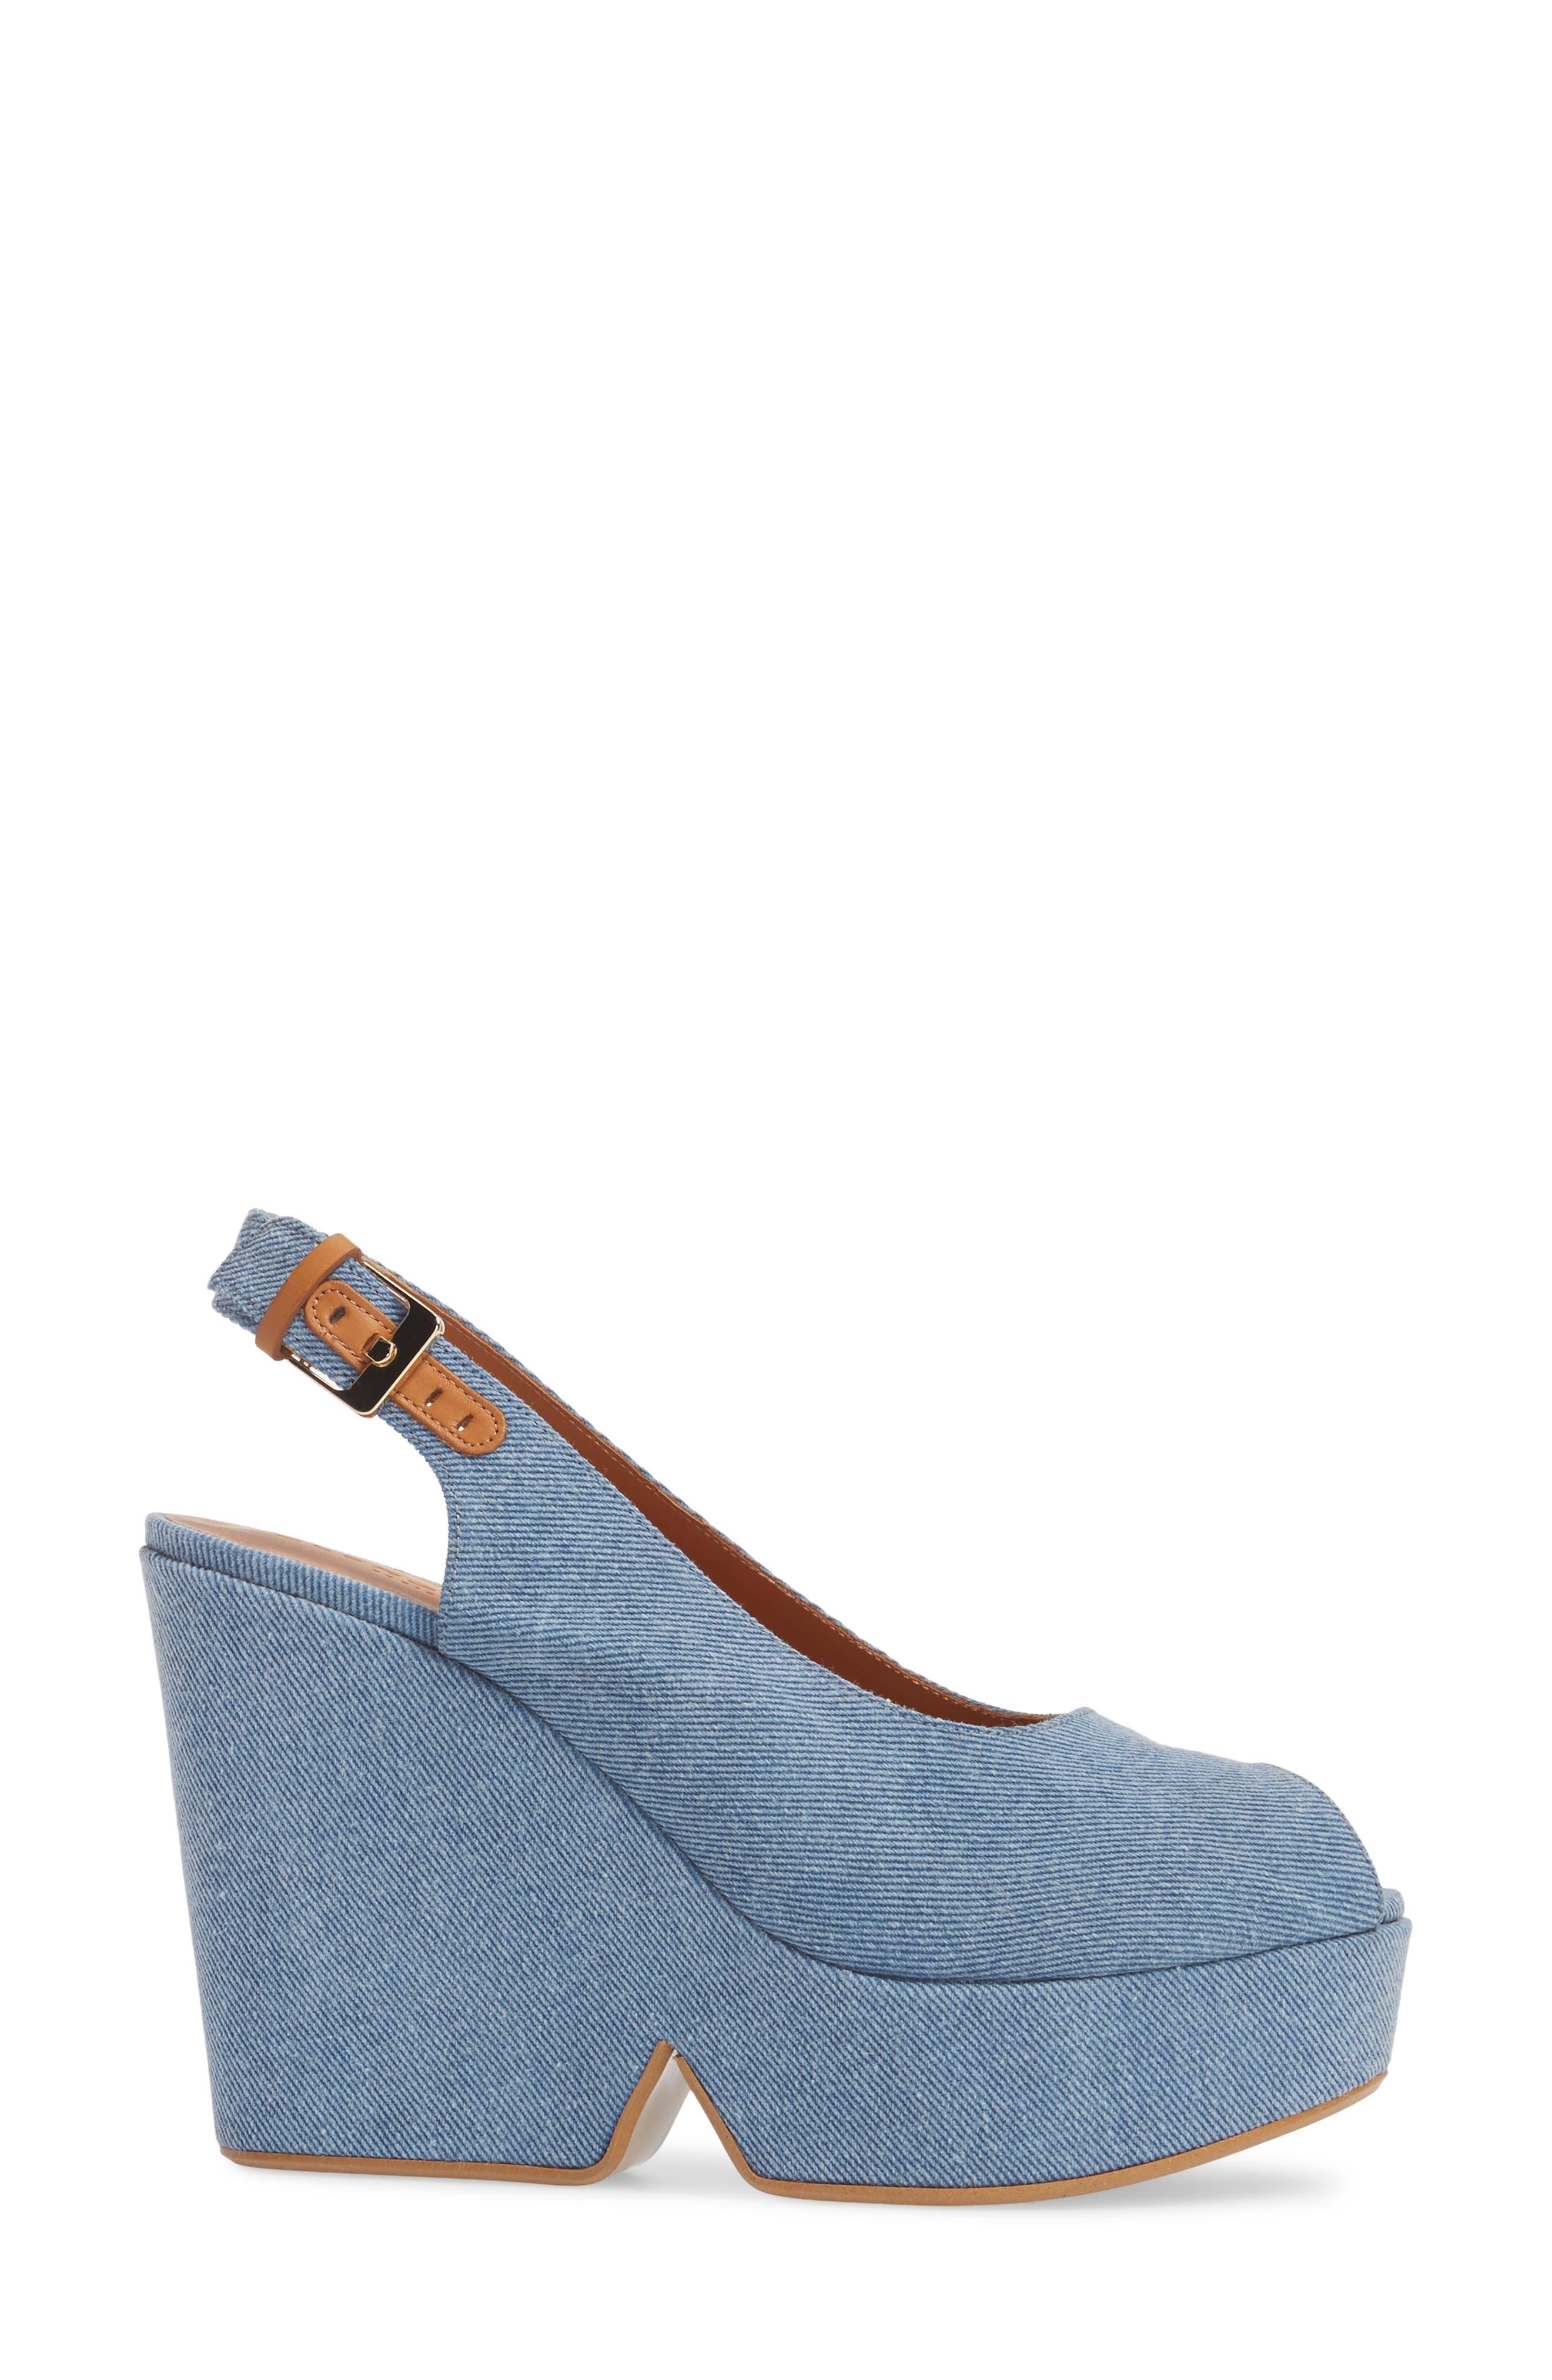 Dylanto Platform Wedge Sandal,                             Alternate thumbnail 3, color,